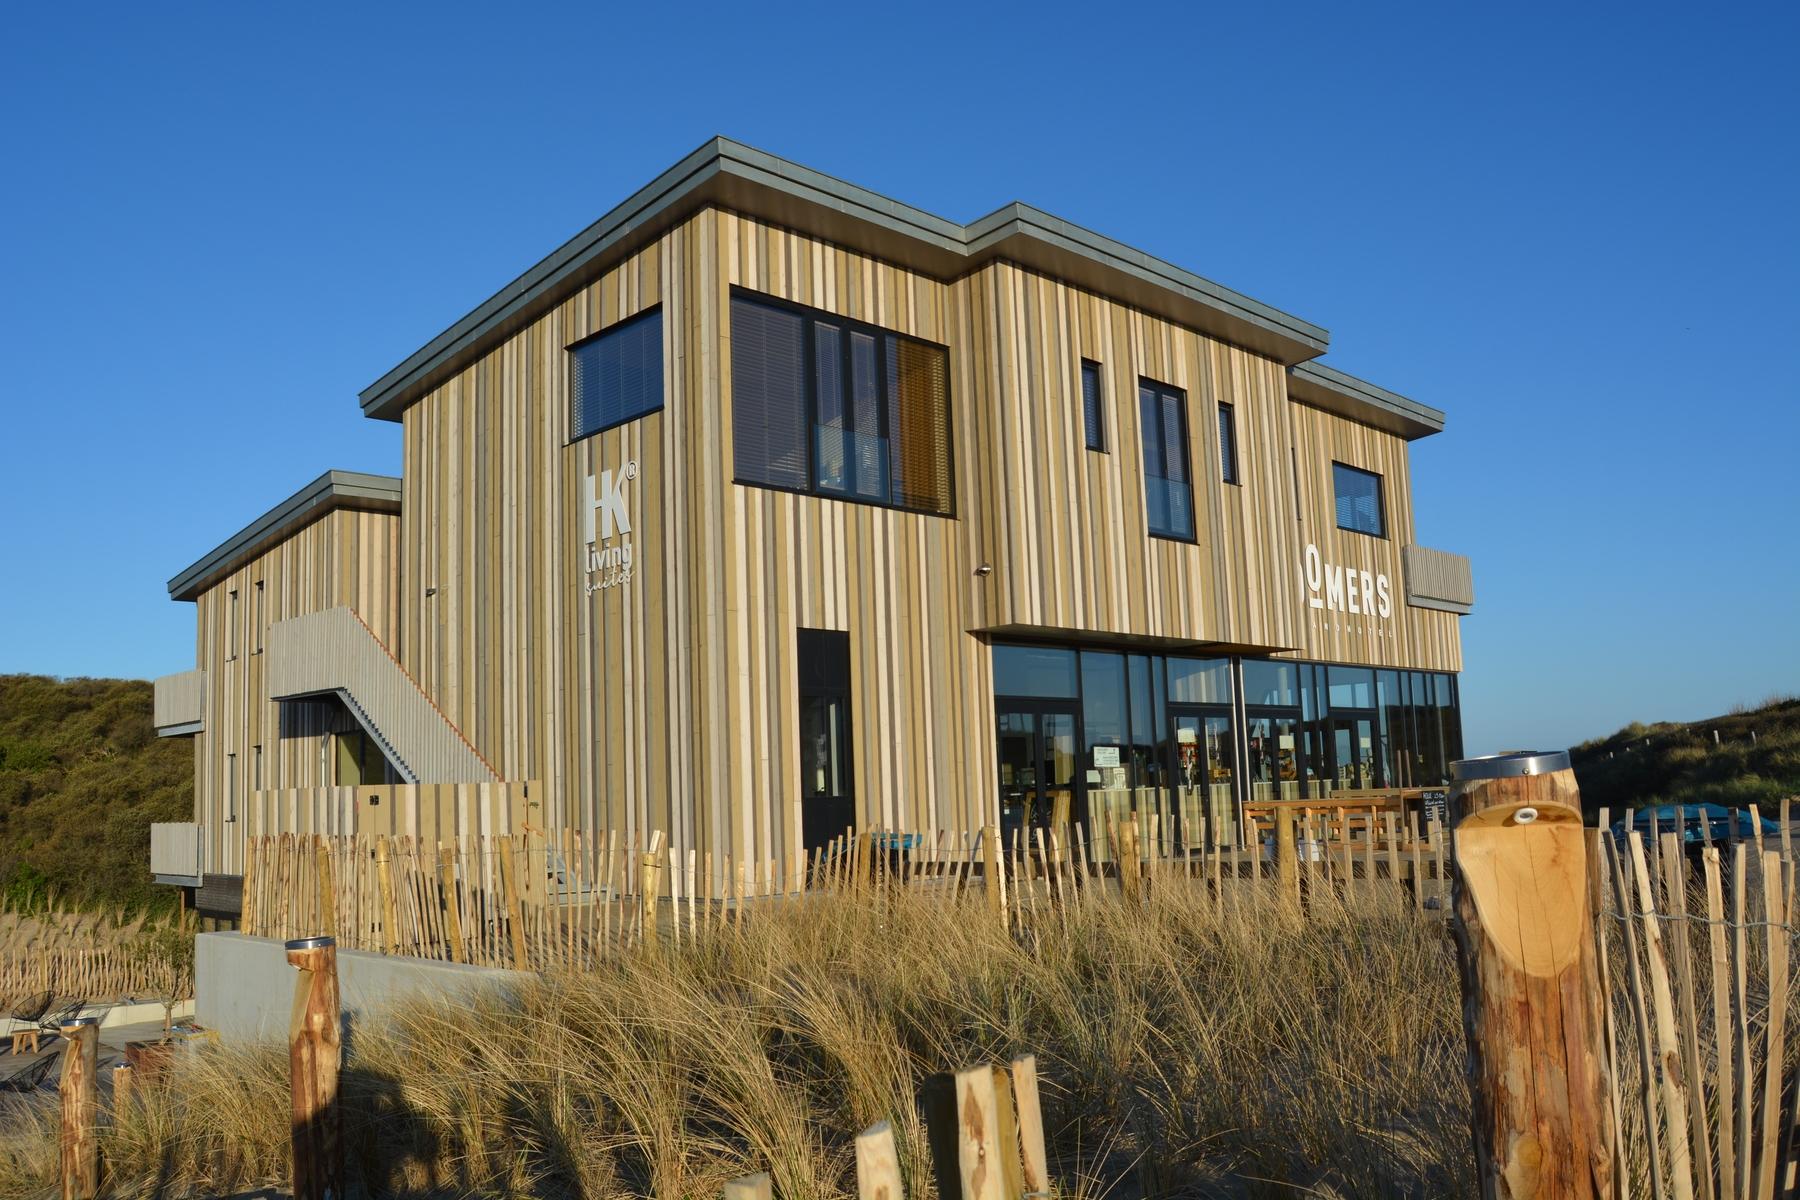 Hotels aan de kust in Nederland: Strandhotel Zoomers Castricum